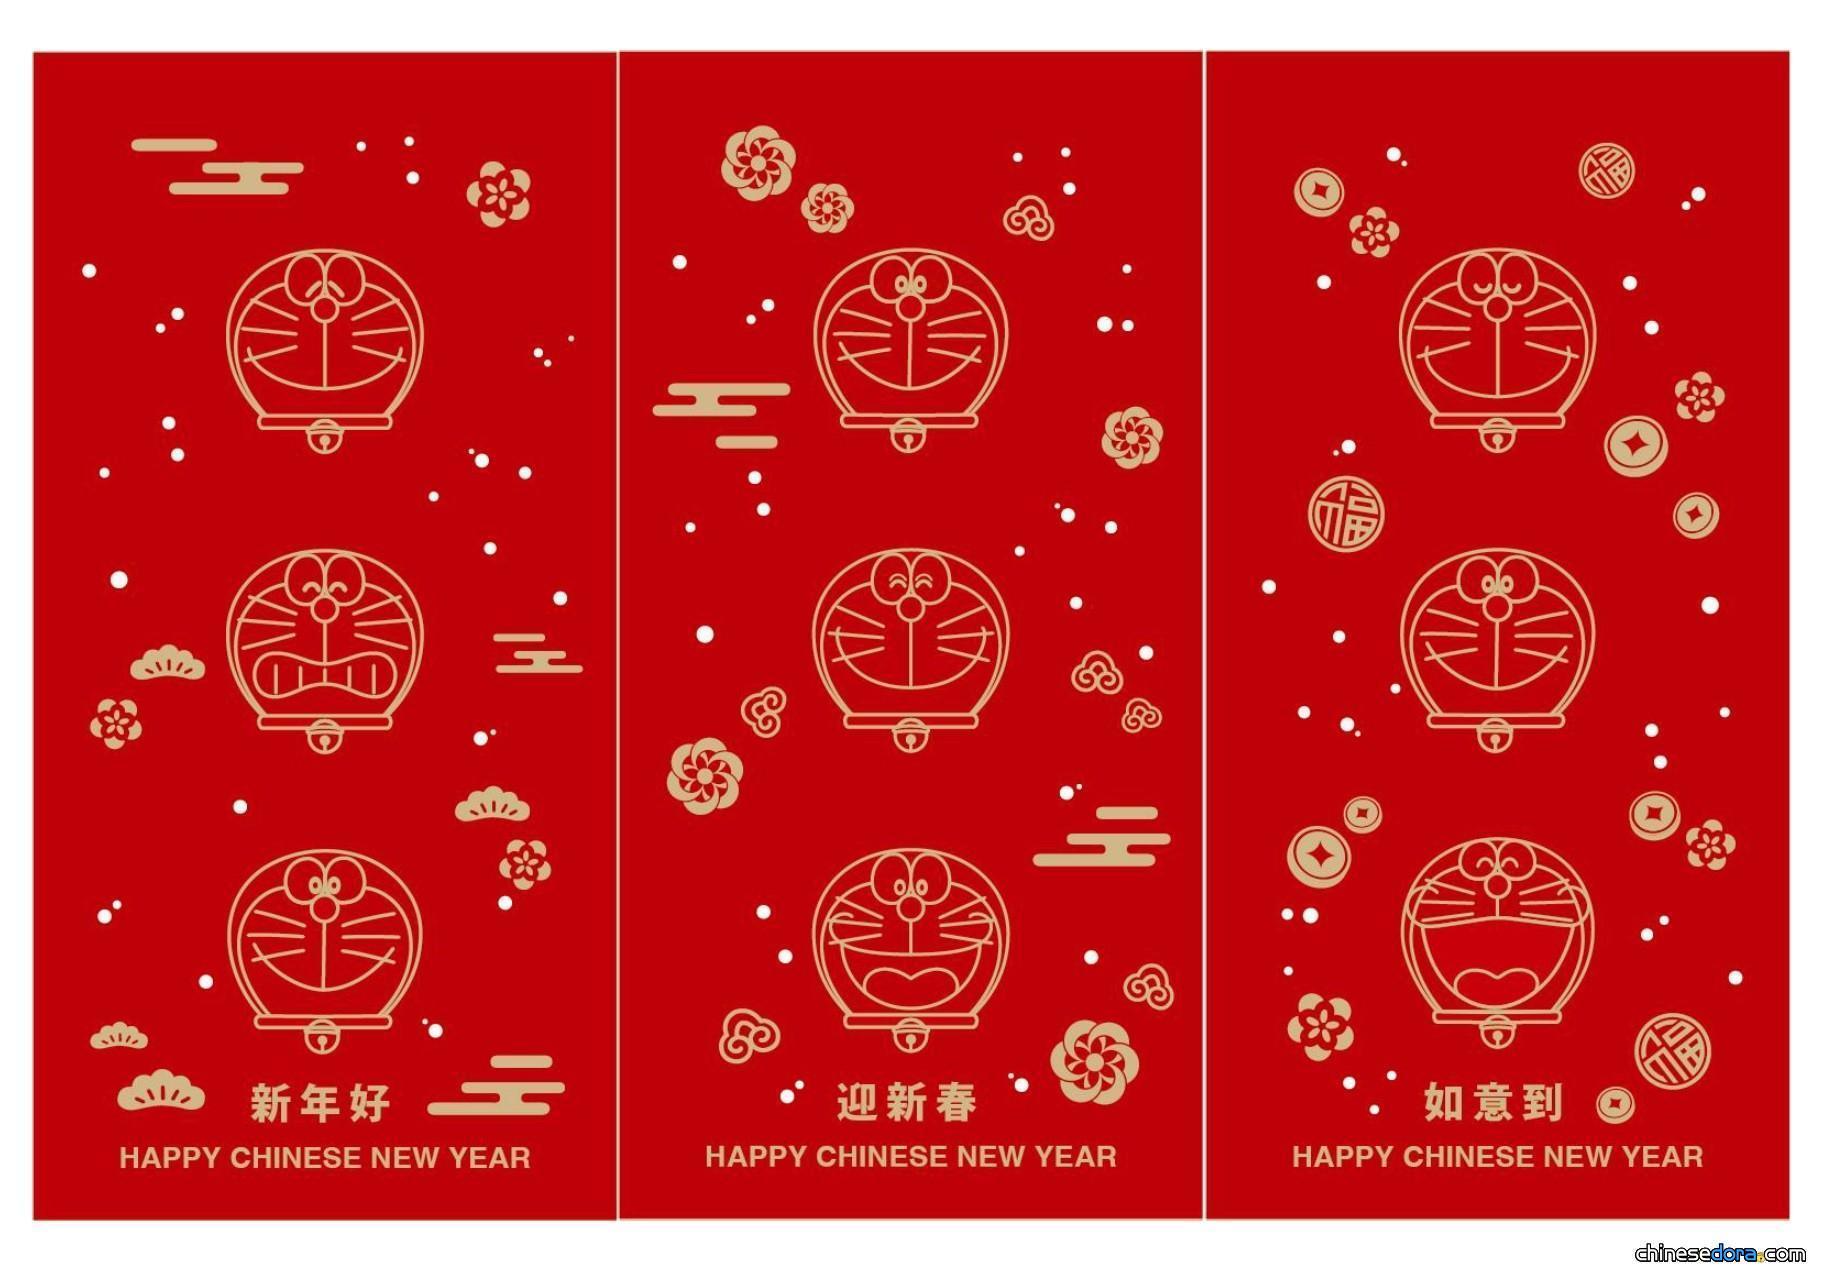 [台灣] 一芳水果茶的獨家哆啦A夢紅包袋!1月21日起買五杯「鮮榨柳丁水果茶」就可獲得